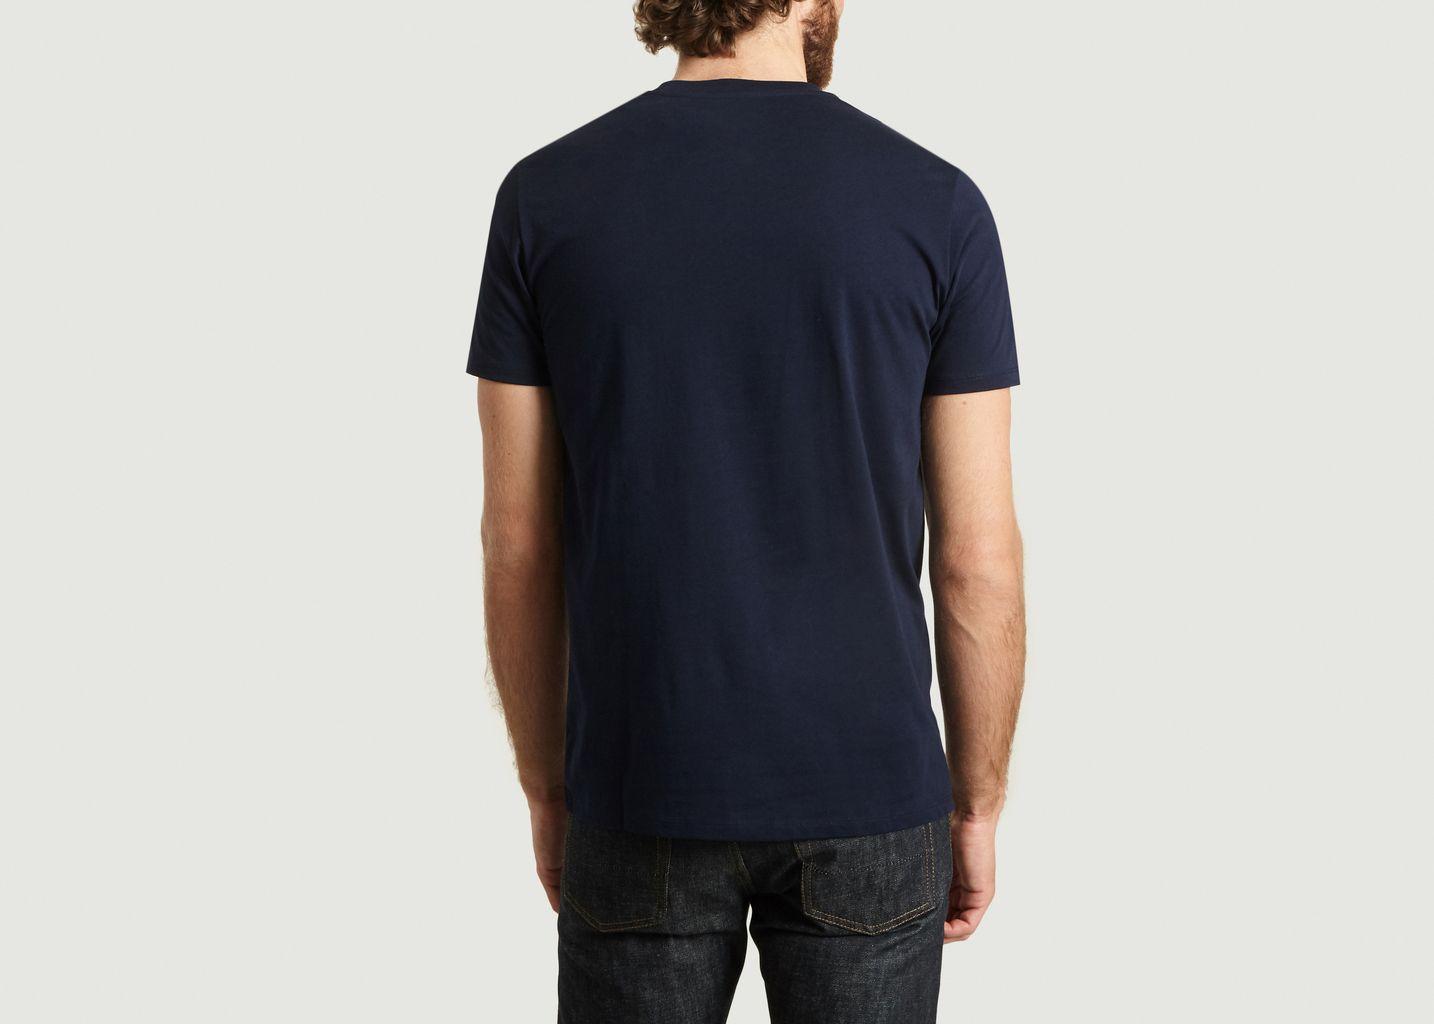 T-Shirt Graphique Diego - Commune de Paris